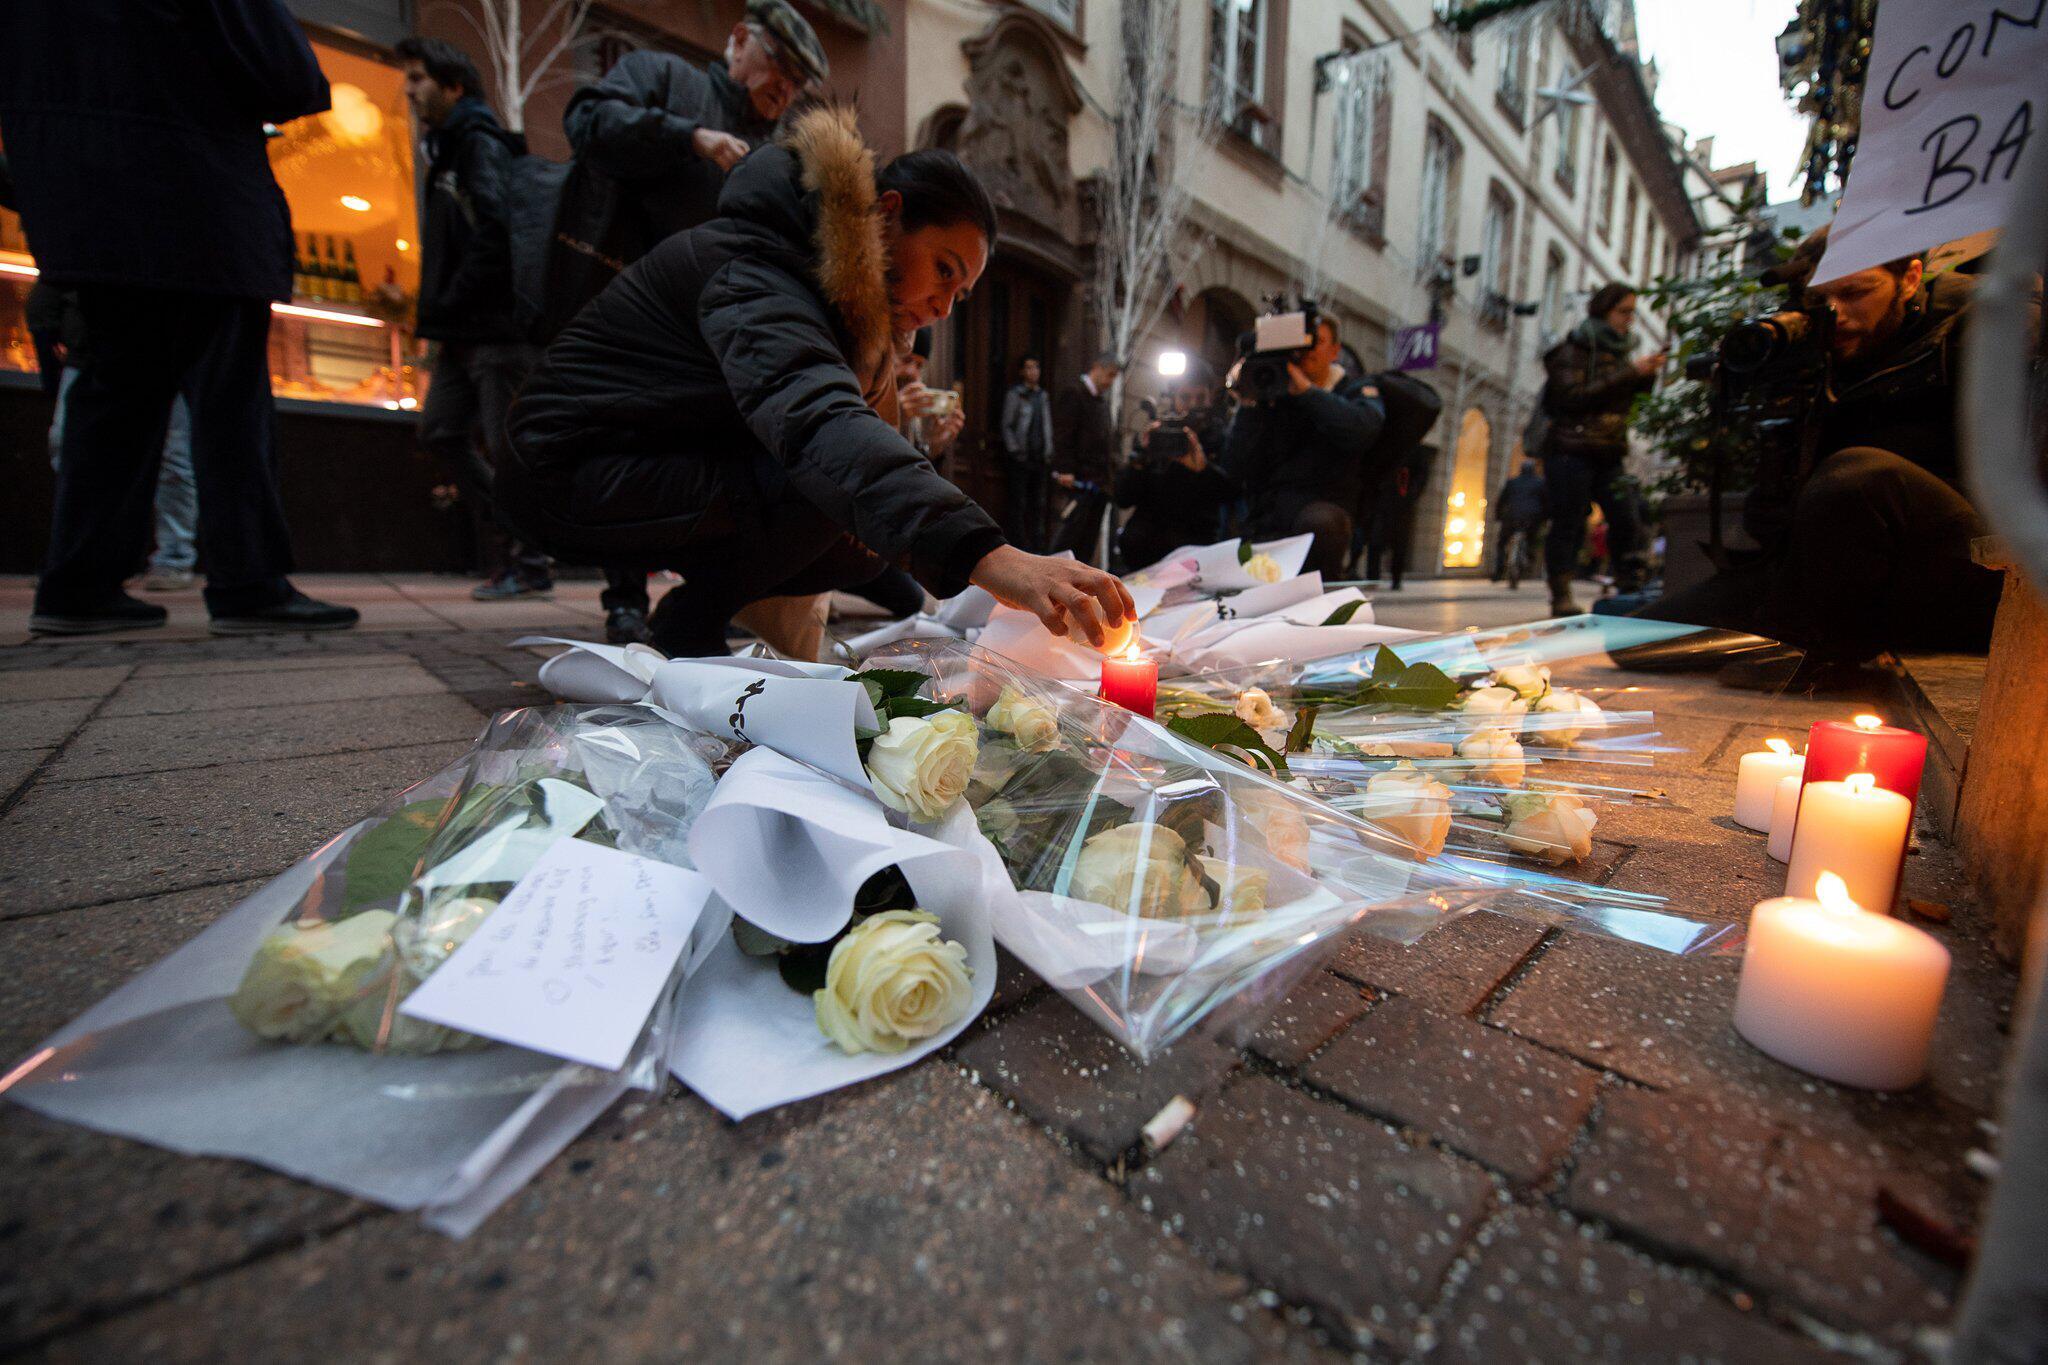 Bild zu After the attack in Strasbourg